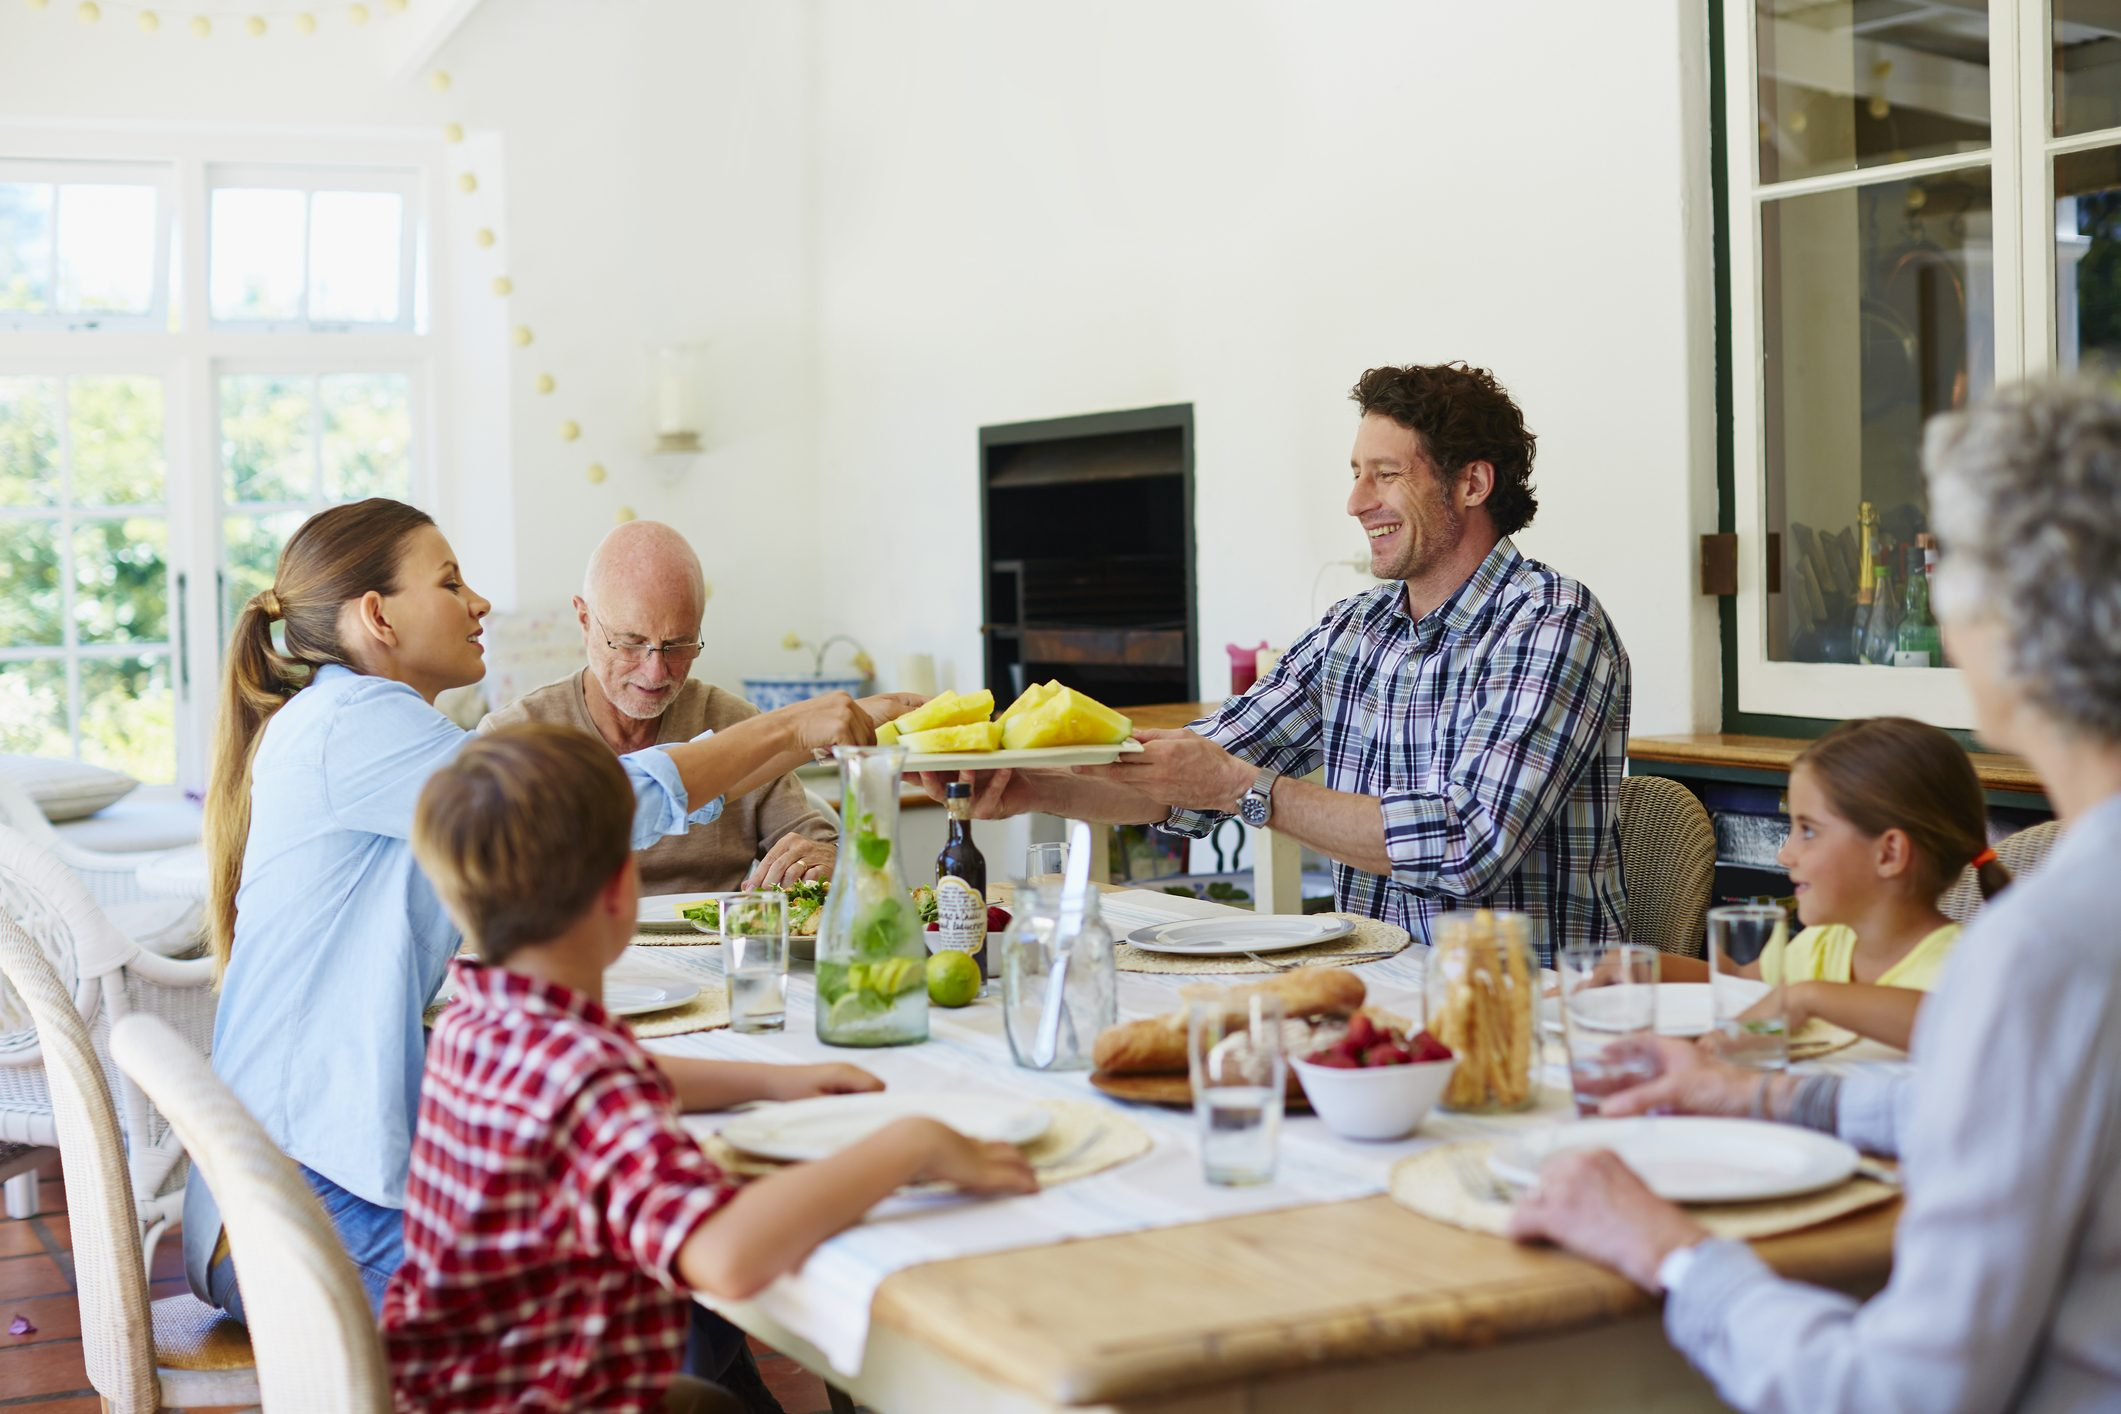 I migliori tavoli da cucina: classifica, recensioni e marche